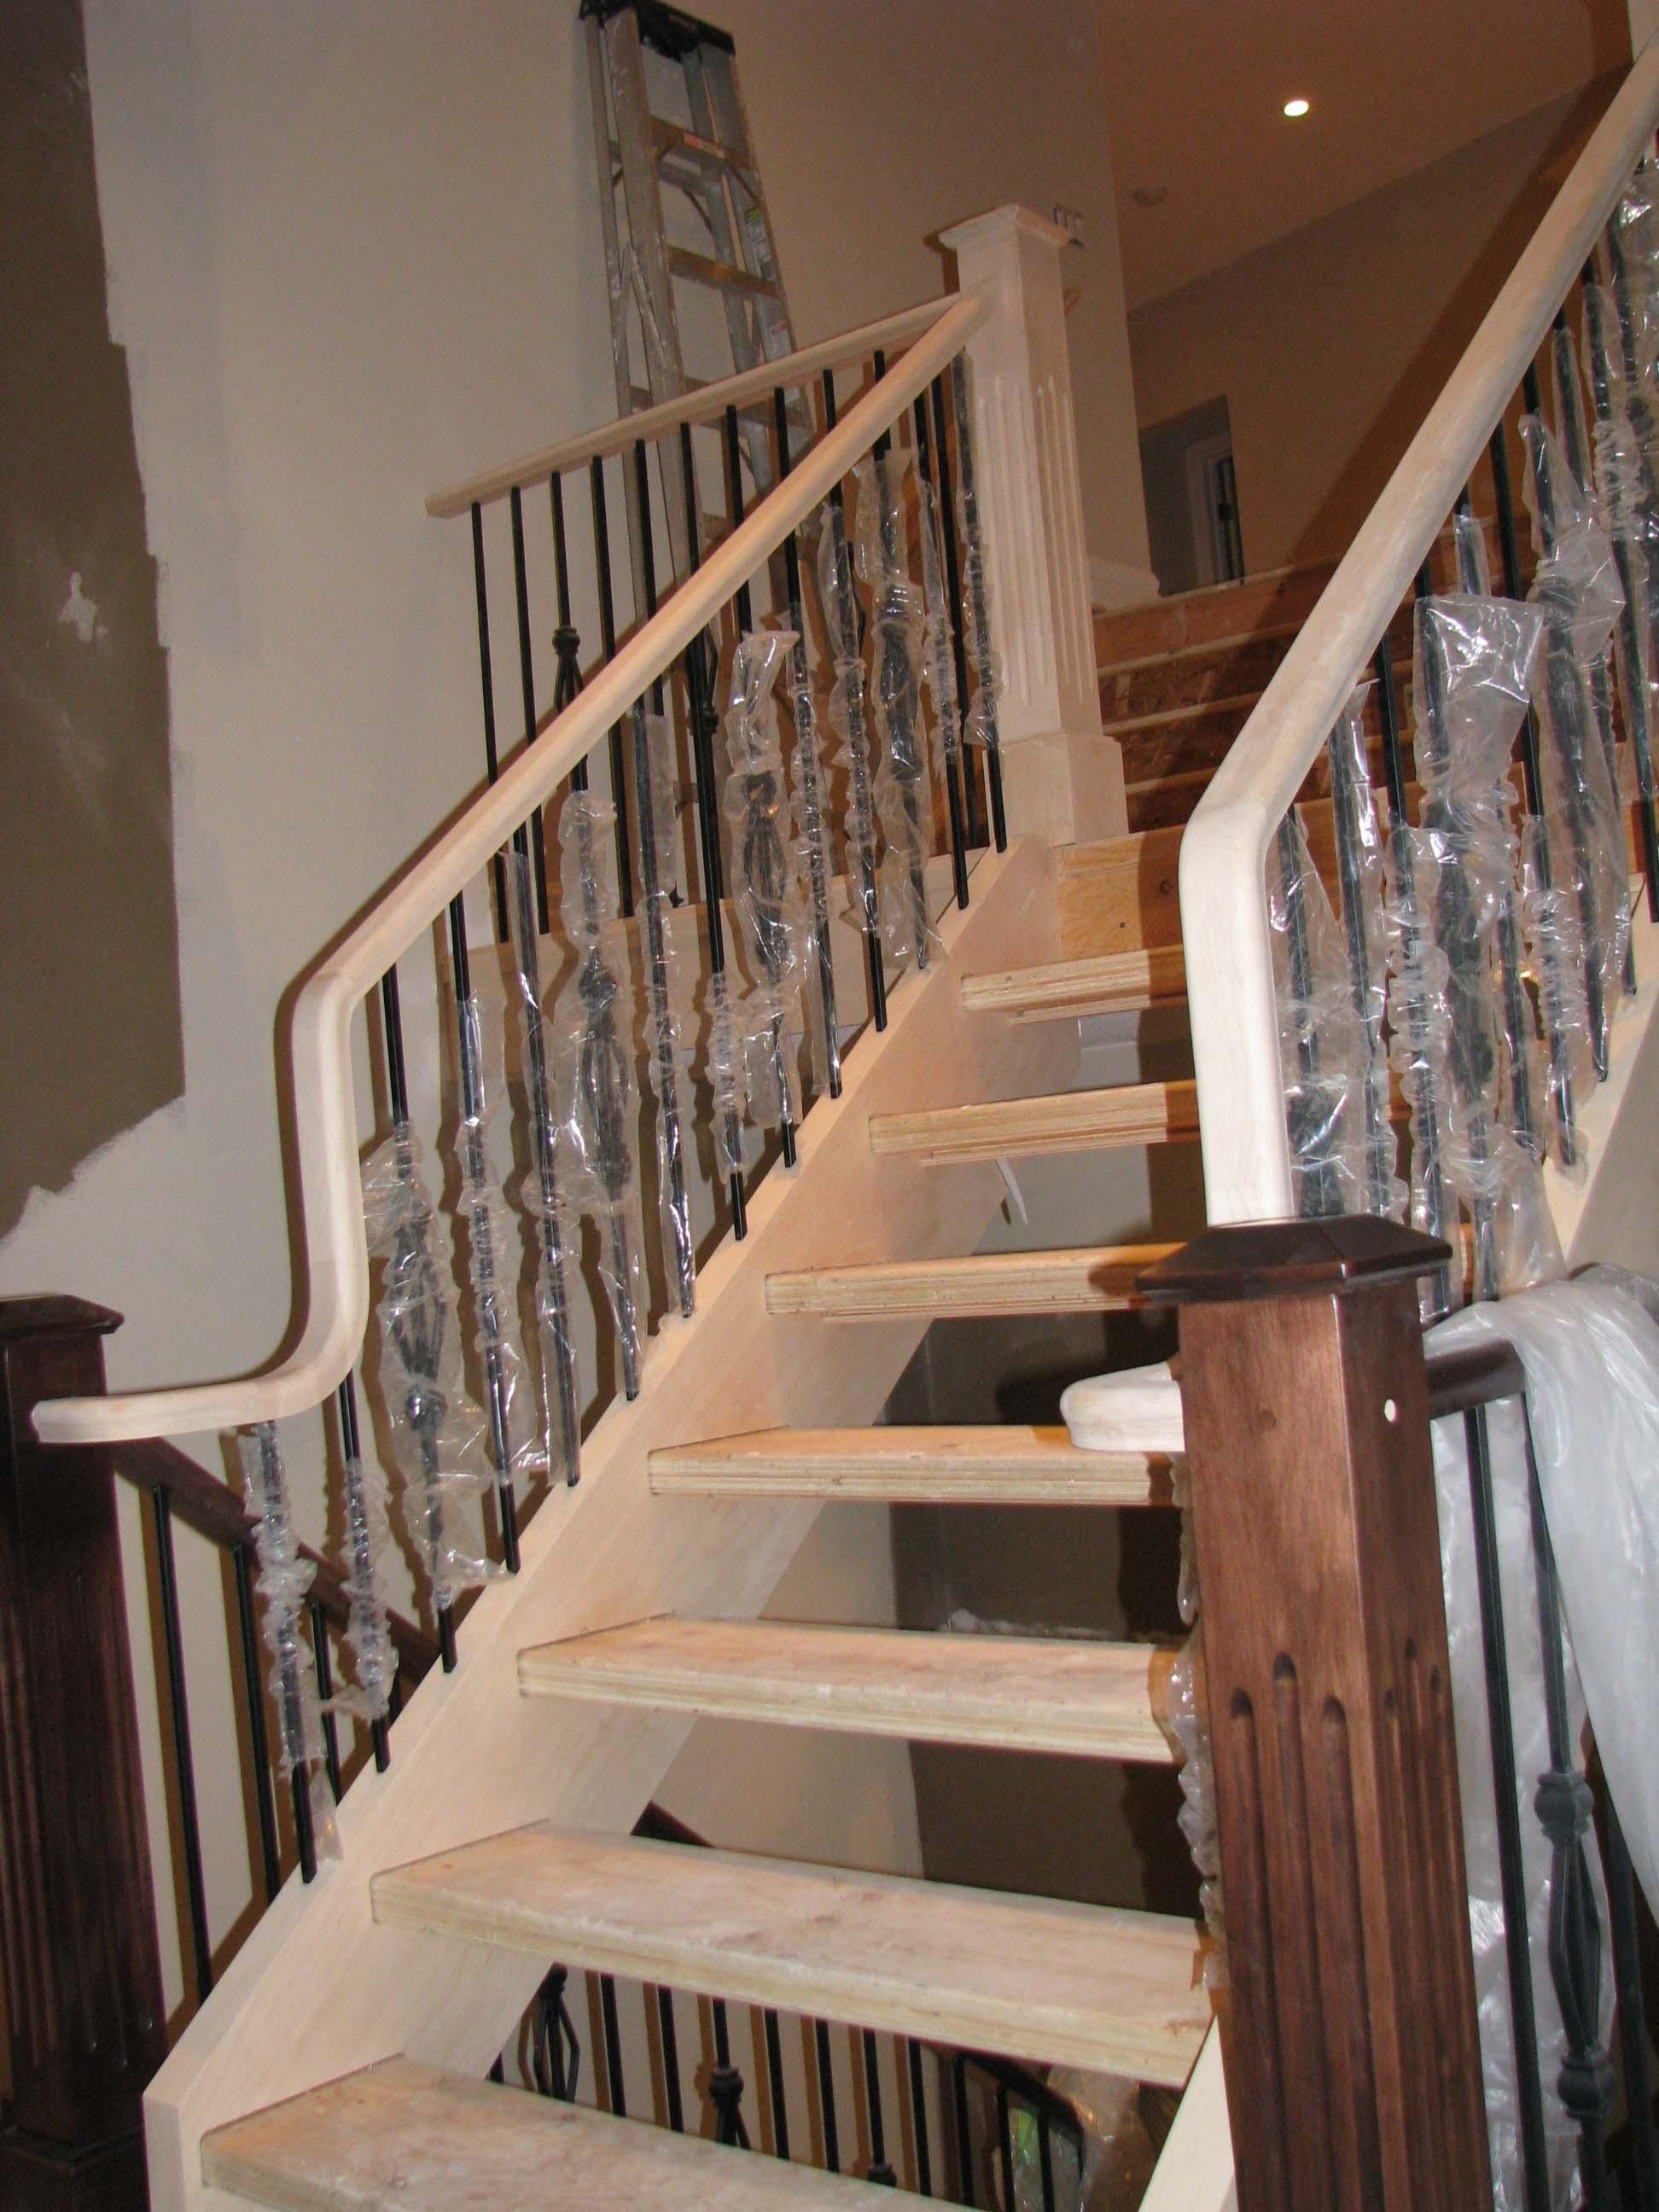 Stairway Under Construction - Stairway Development